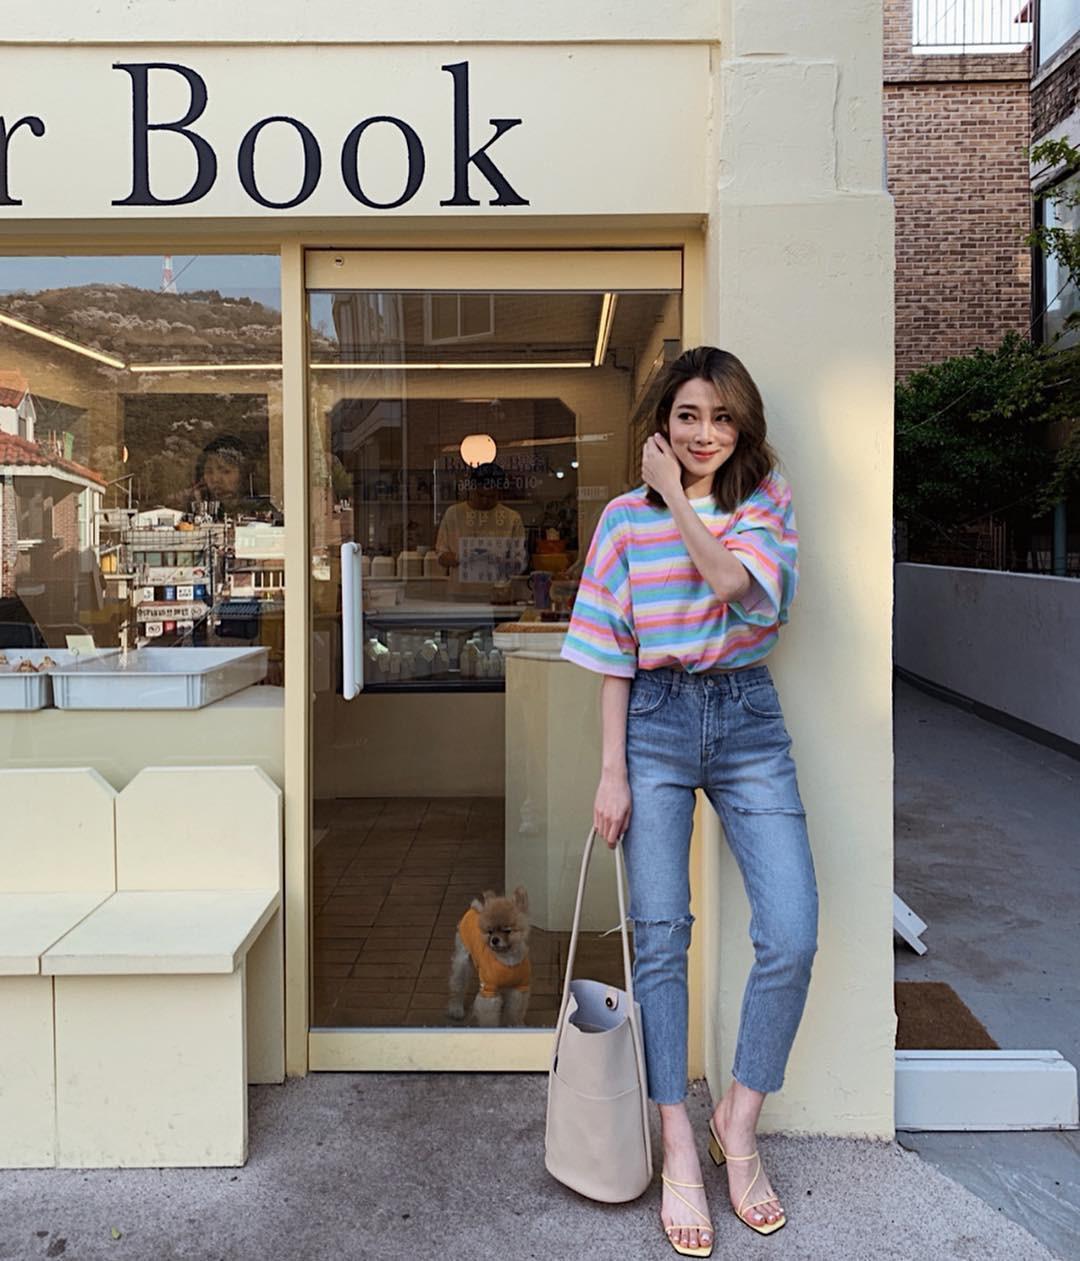 Bảo chứng cho vẻ sành điệu là combo áo phông – quần jeans với 15 ý tưởng diện mãi không biết chán này 5